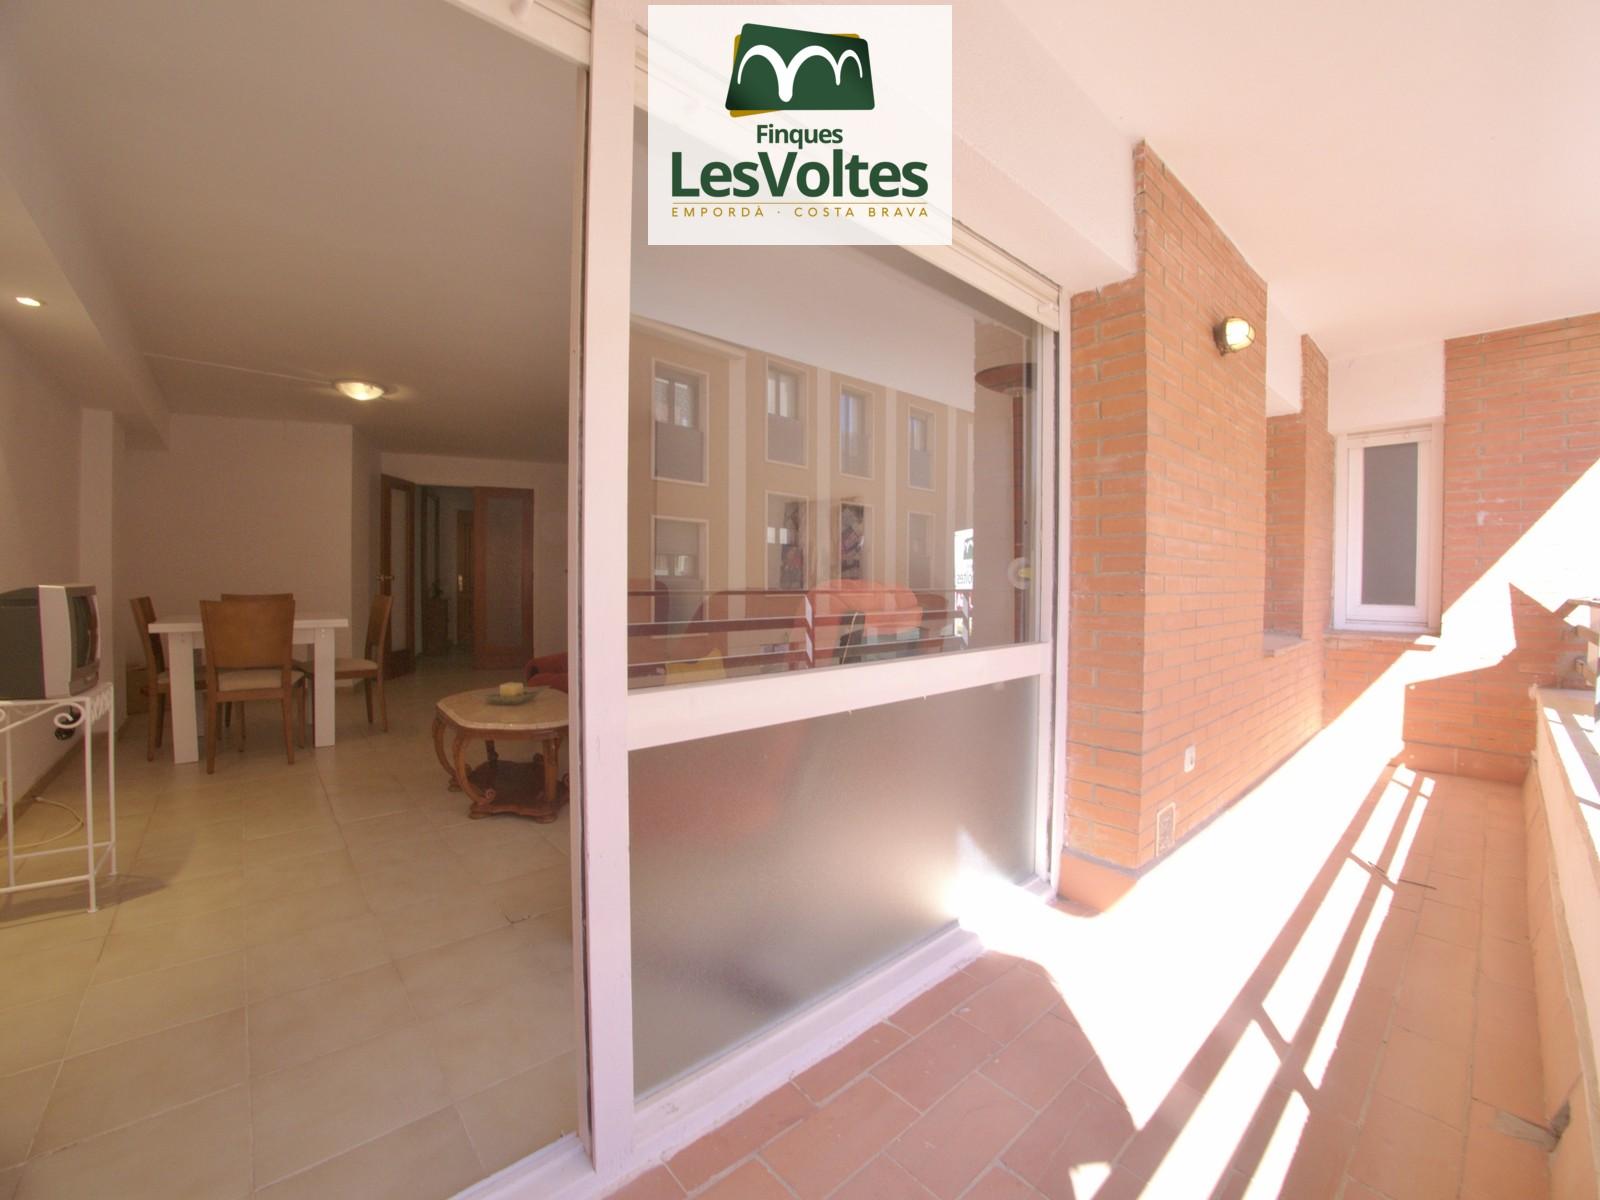 Pis de dues habitacions amb terrassa en lloguer al centre de Palafrugell. A punt per entrar-hi a viure.